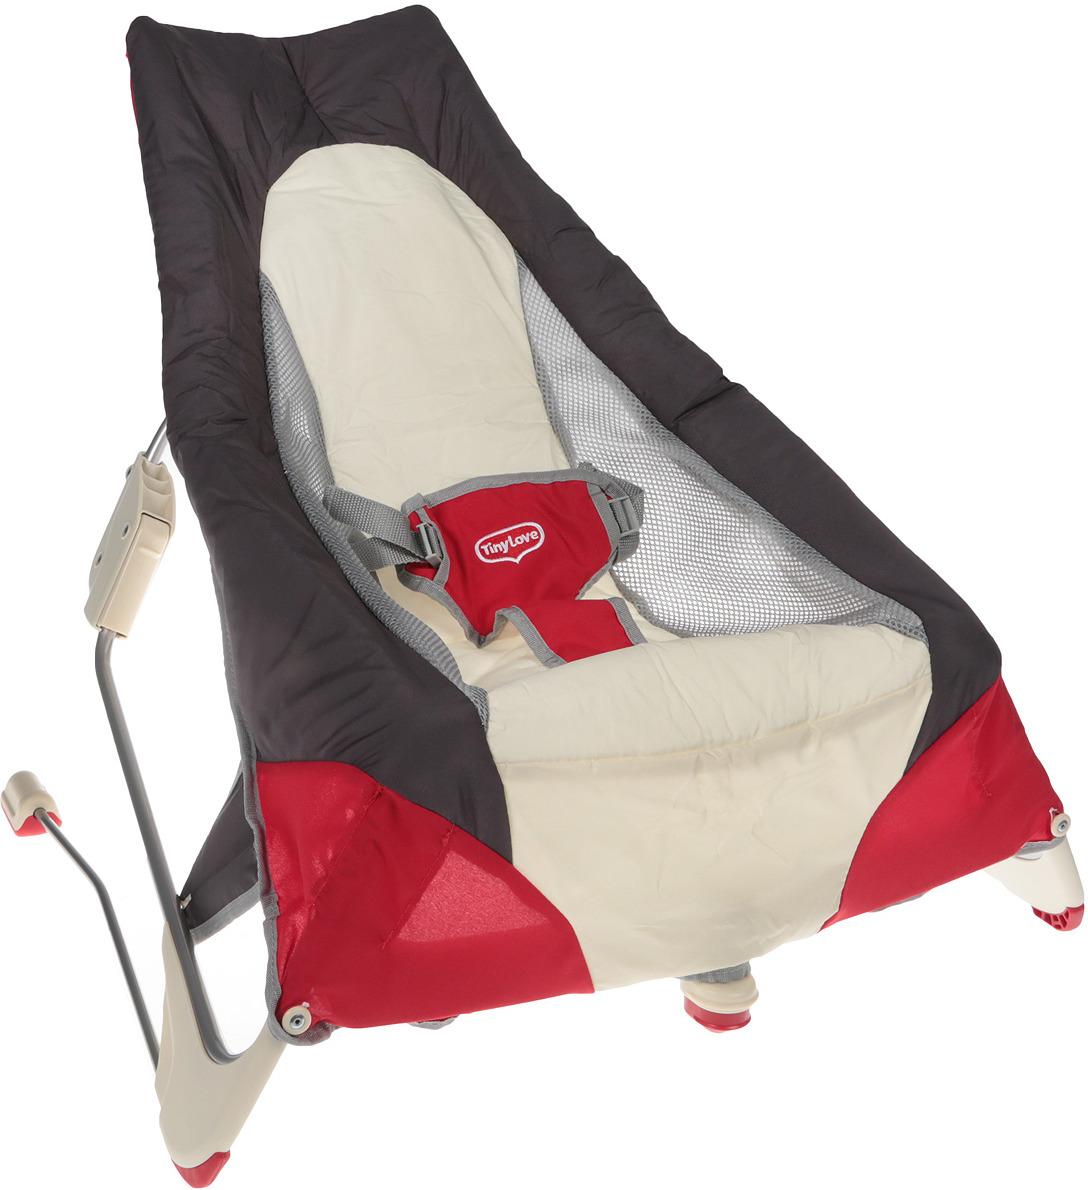 Переносной баунсер Tiny Love, цвет: серый, белый, красный кресла качалки шезлонги tiny love люлька баунсер люкс